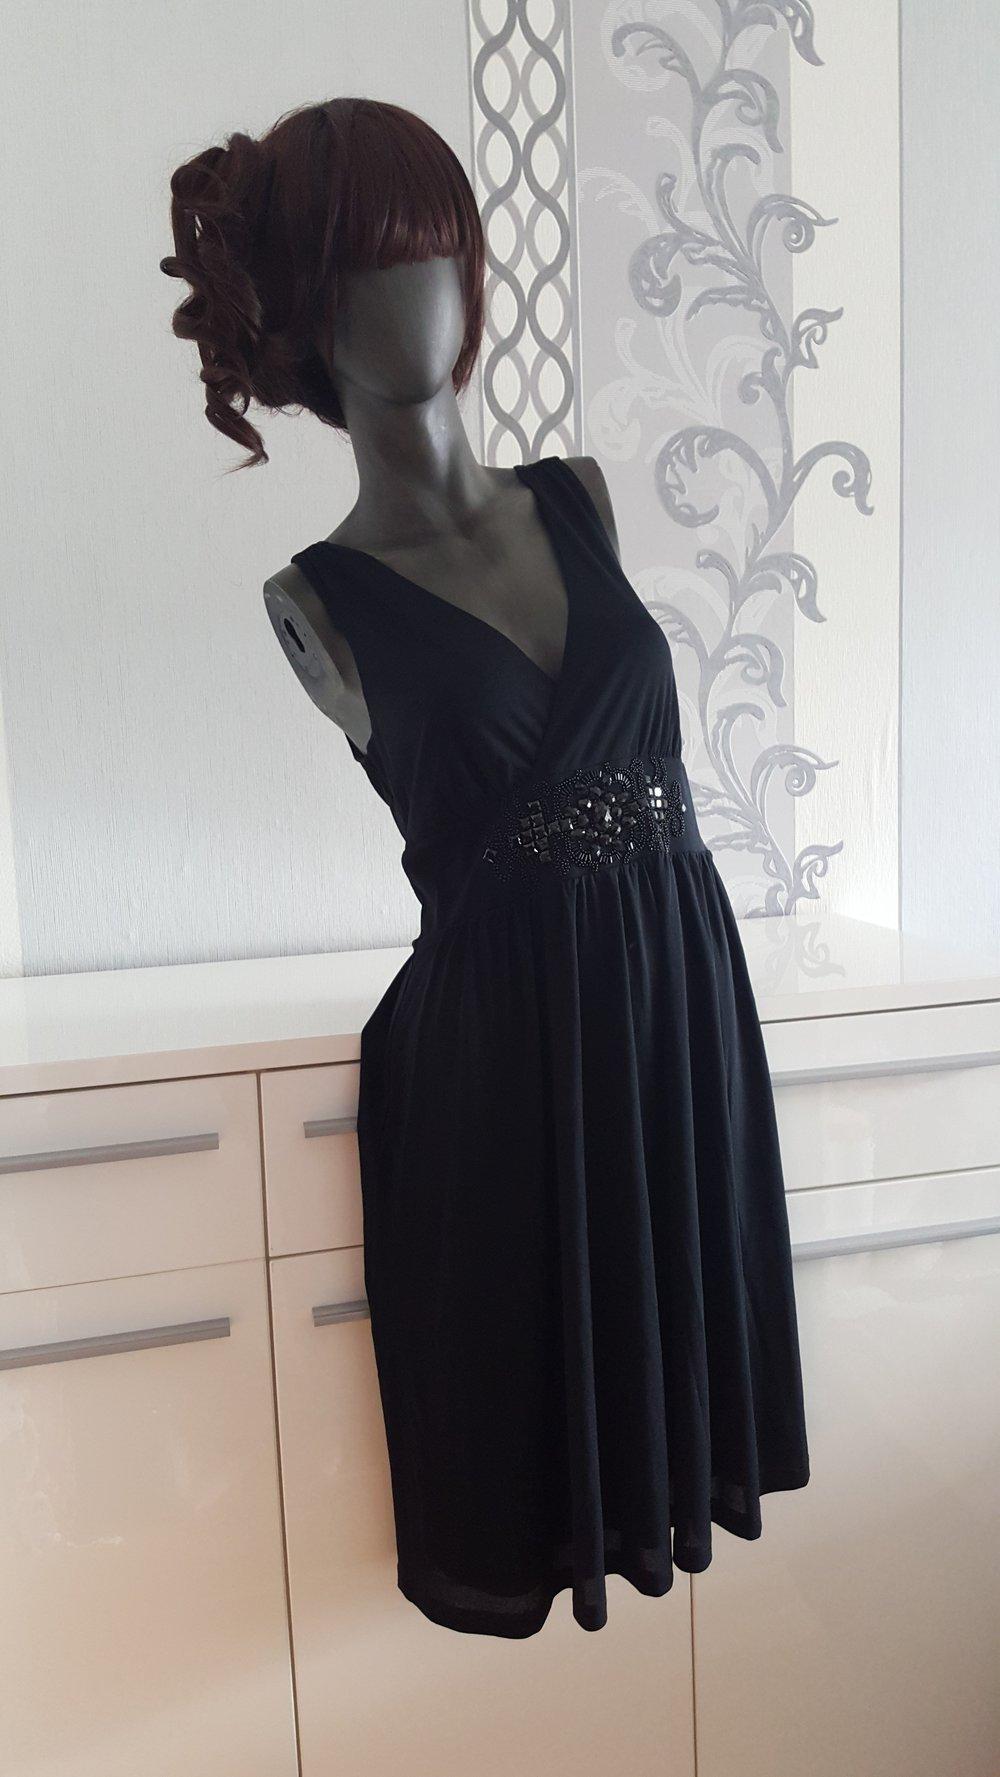 Elegantes schwarzes Esprit Kleid Hochzeit besondere Anlässe 11 11 L XL  evtl. 11 da dehnbar